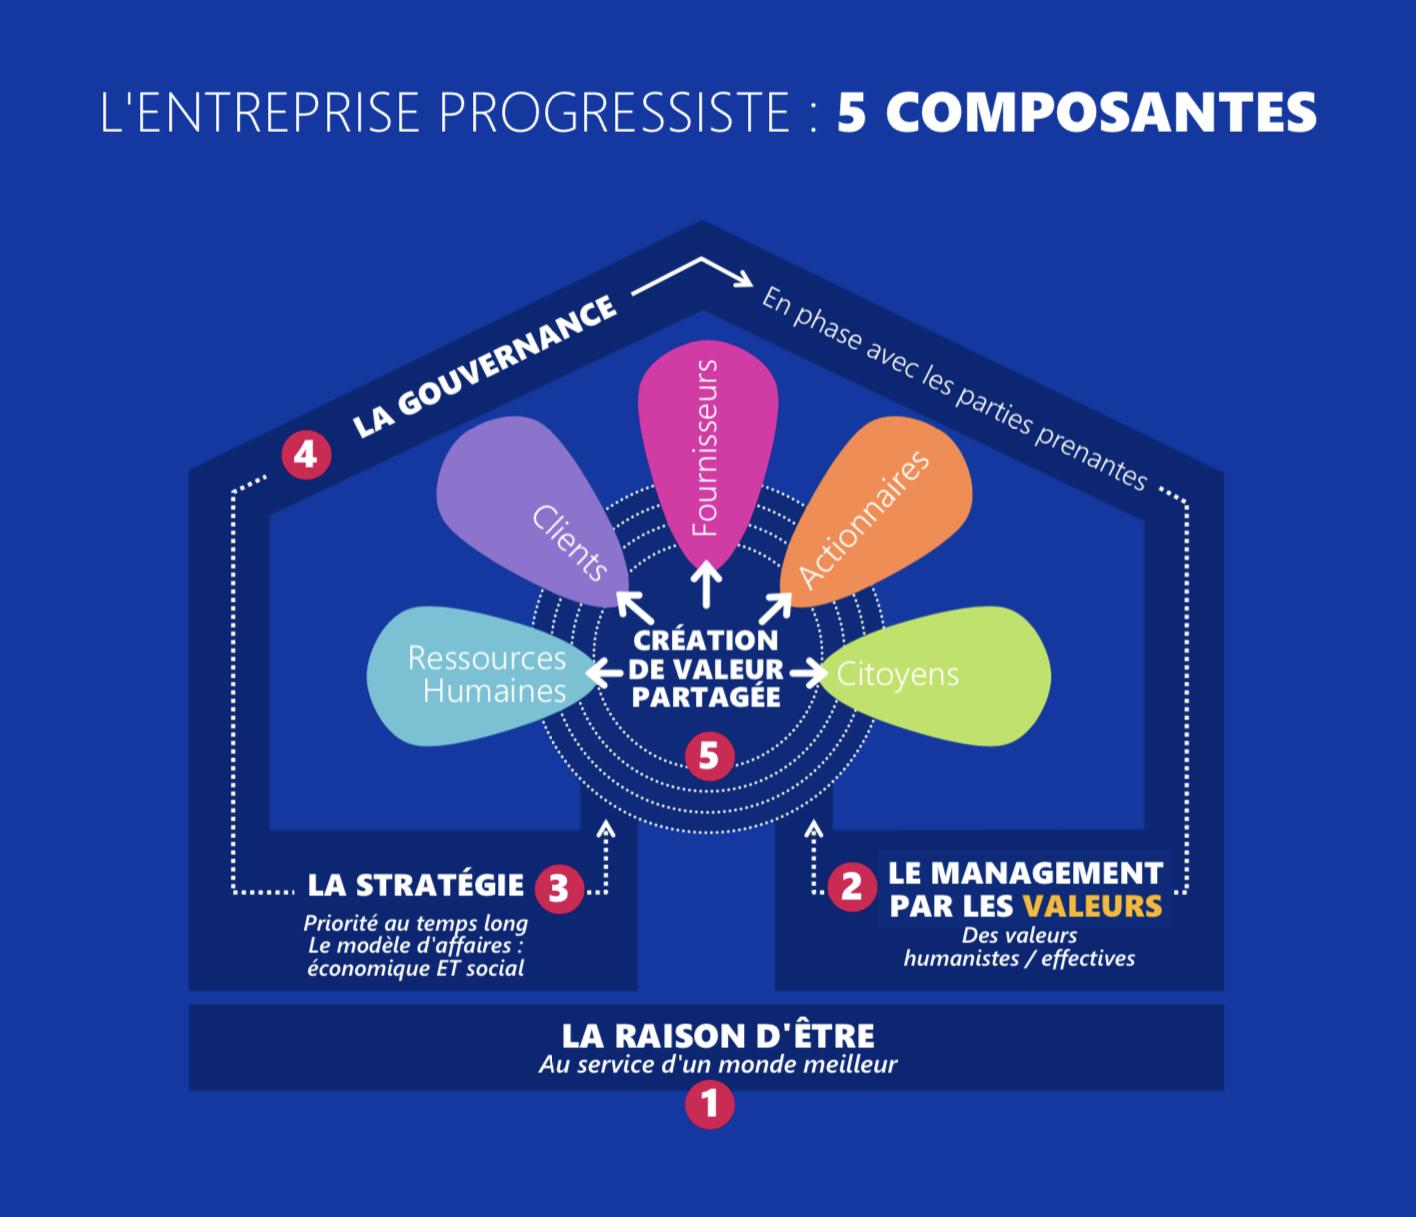 Entreprise Progressiste | Un modèle capitaliste et humaniste